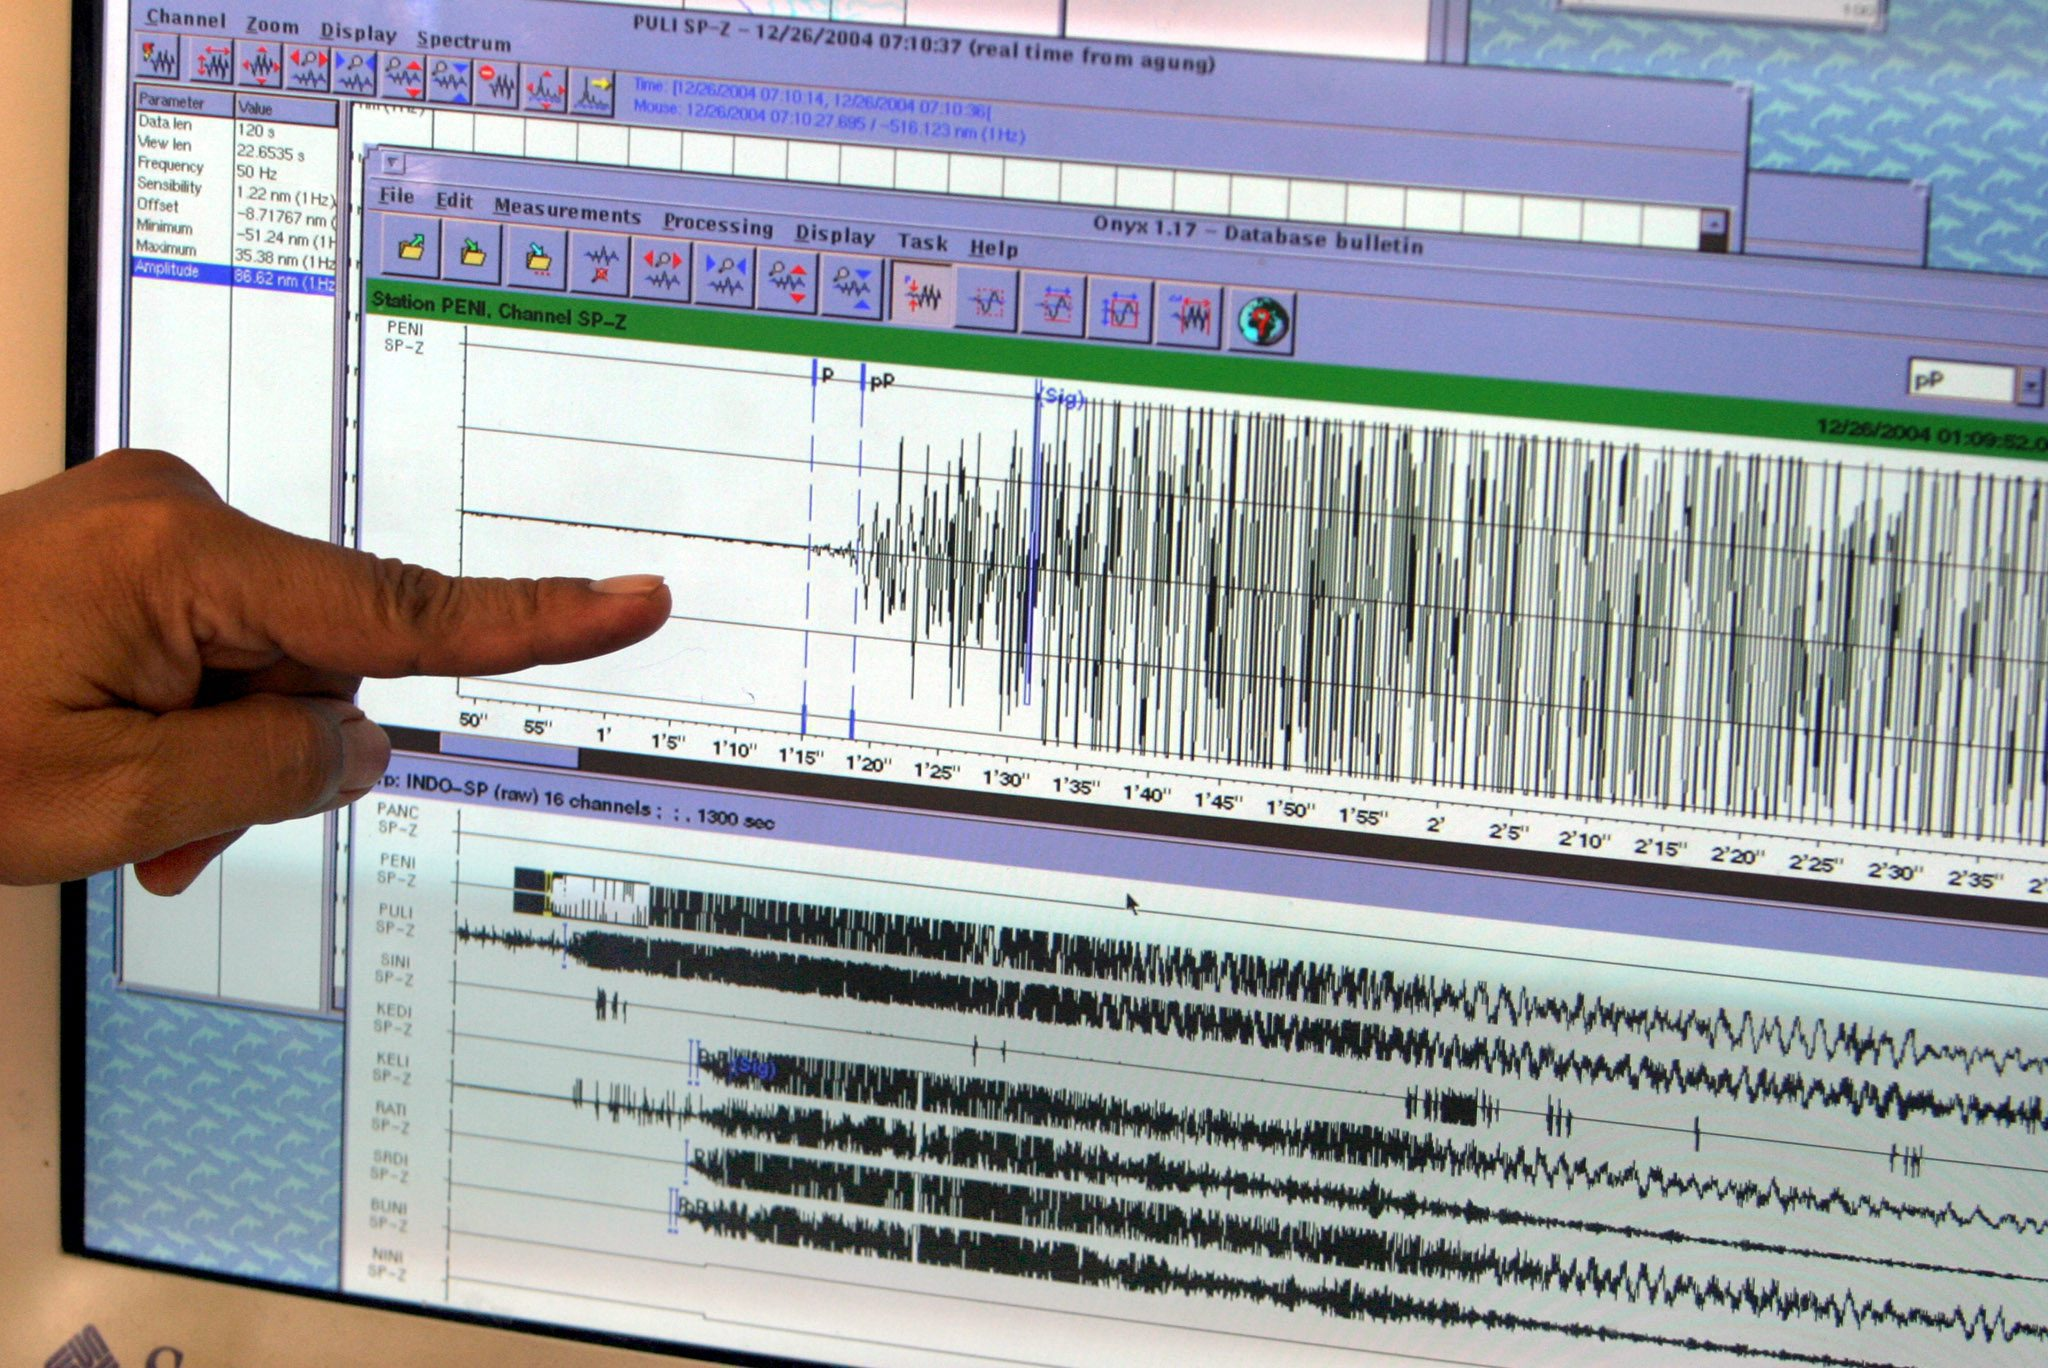 Σεισμός 6,8 Ρίχτερ ανοικτά του Ανατολικού Τιμόρ | tovima.gr